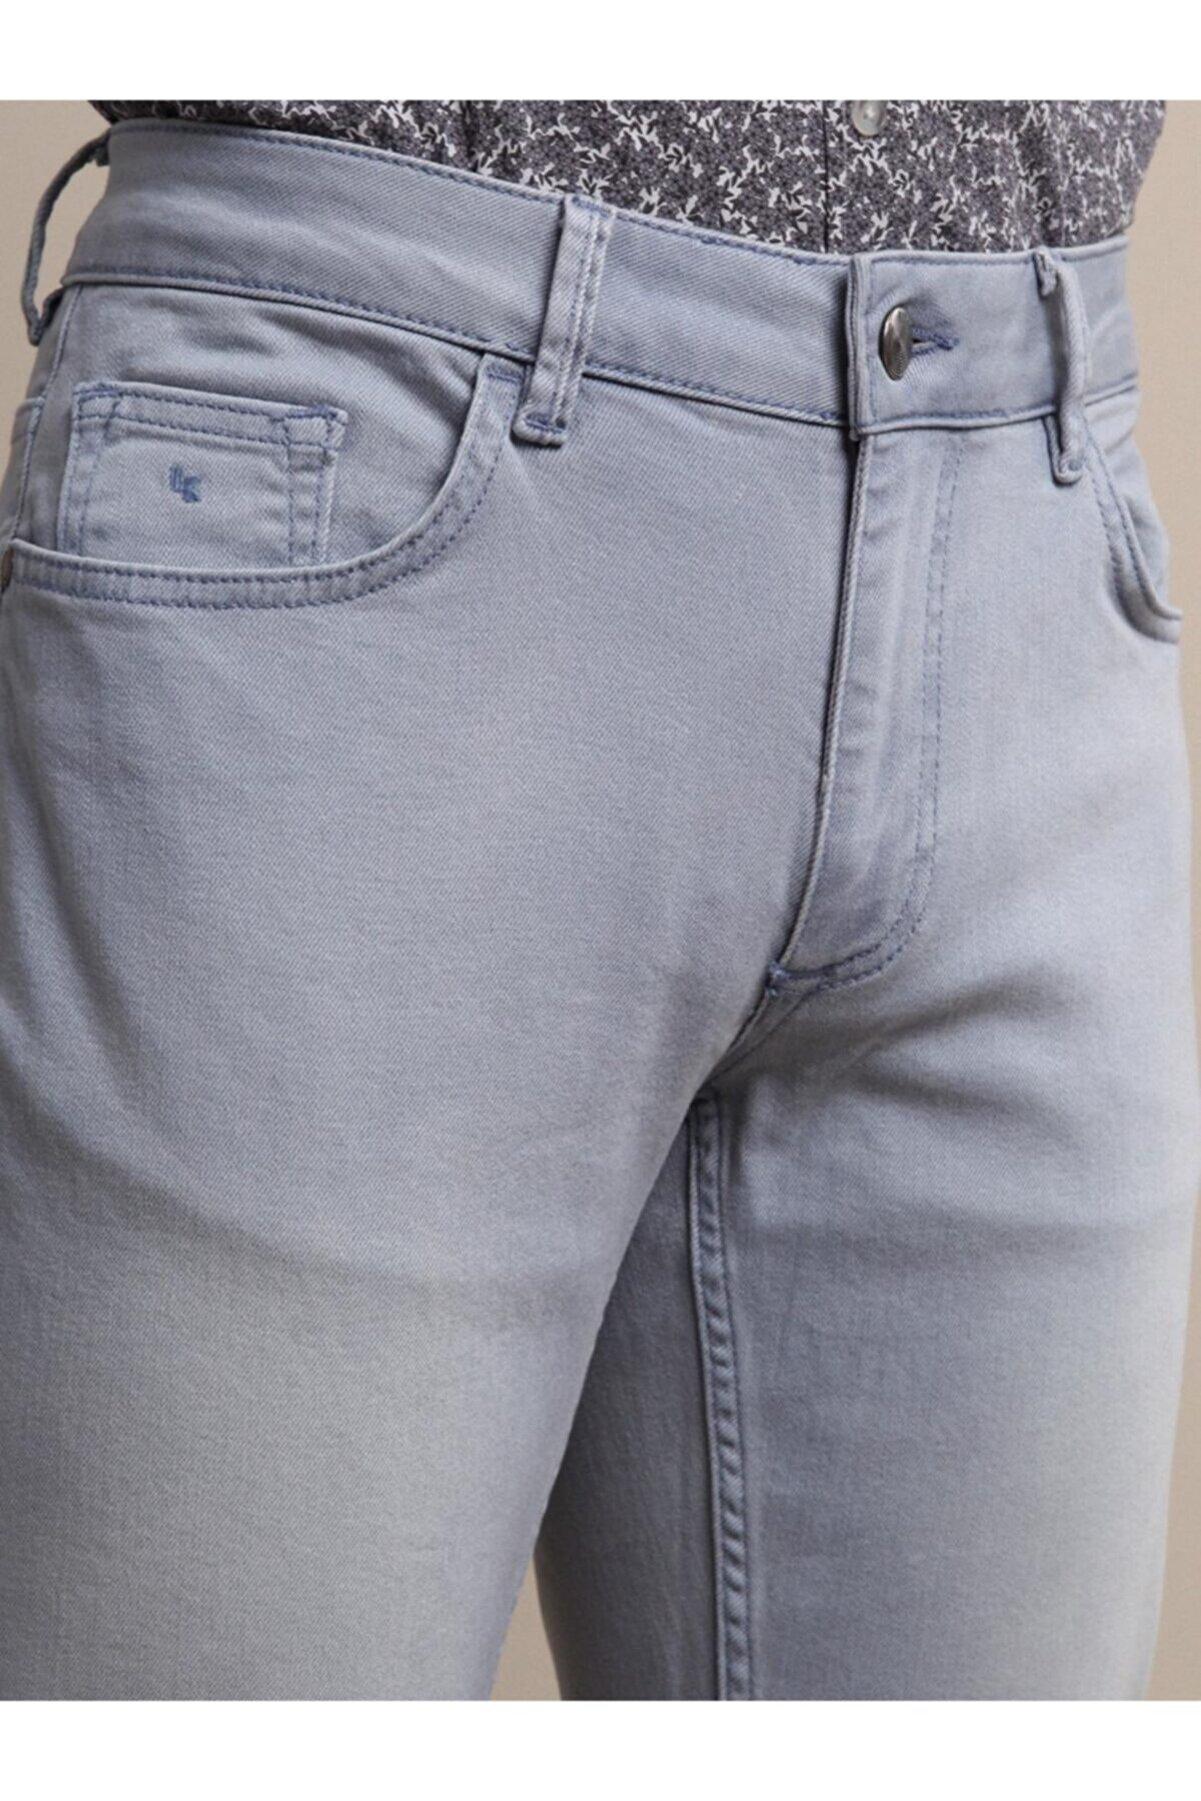 Kip Erkek Denim Pantolon